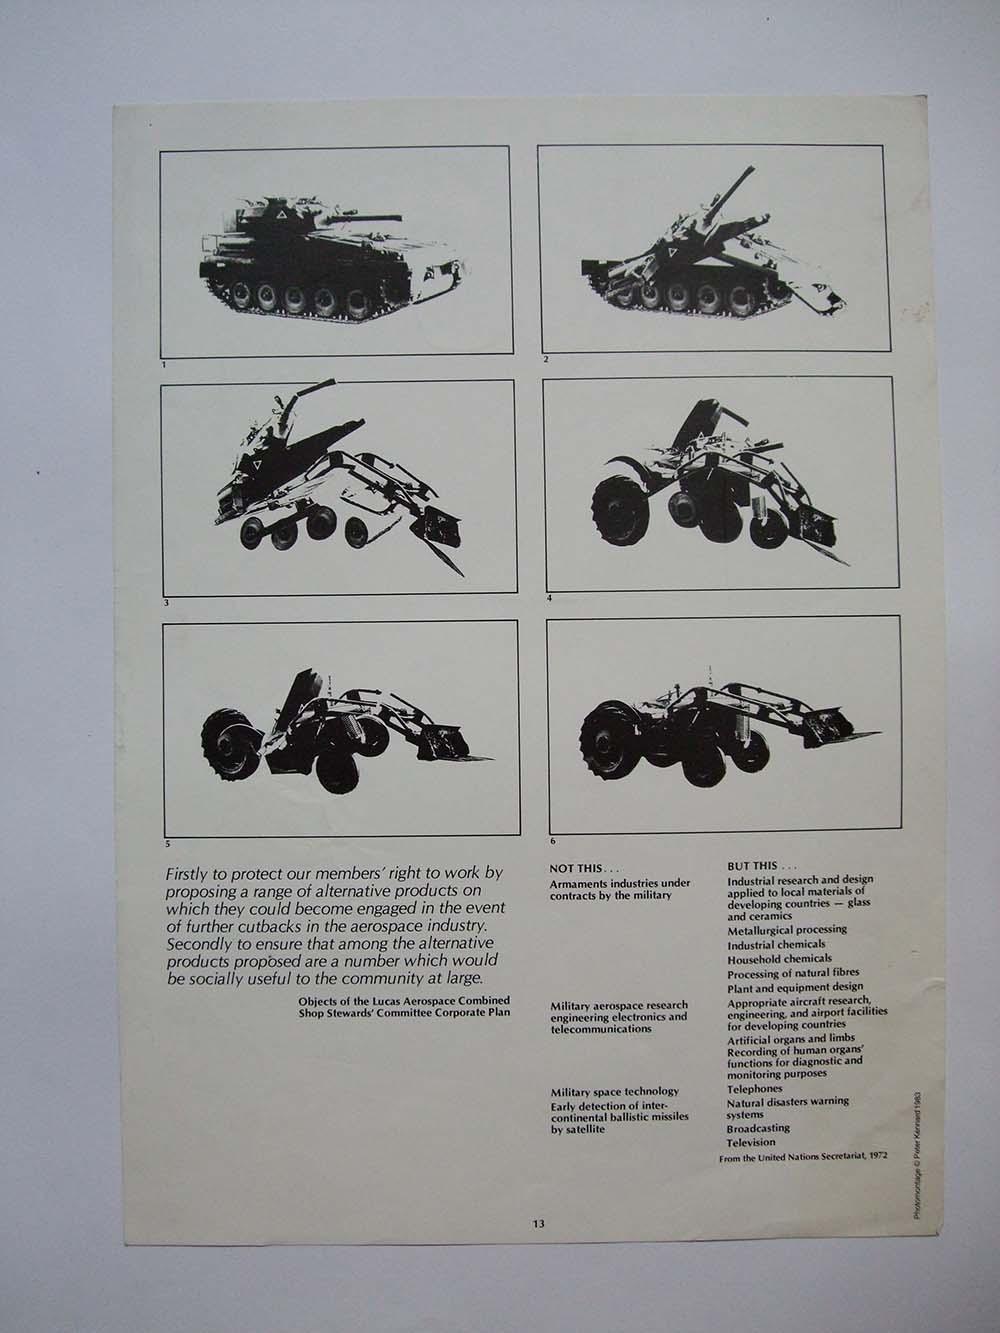 DSCF7298 copy.jpg